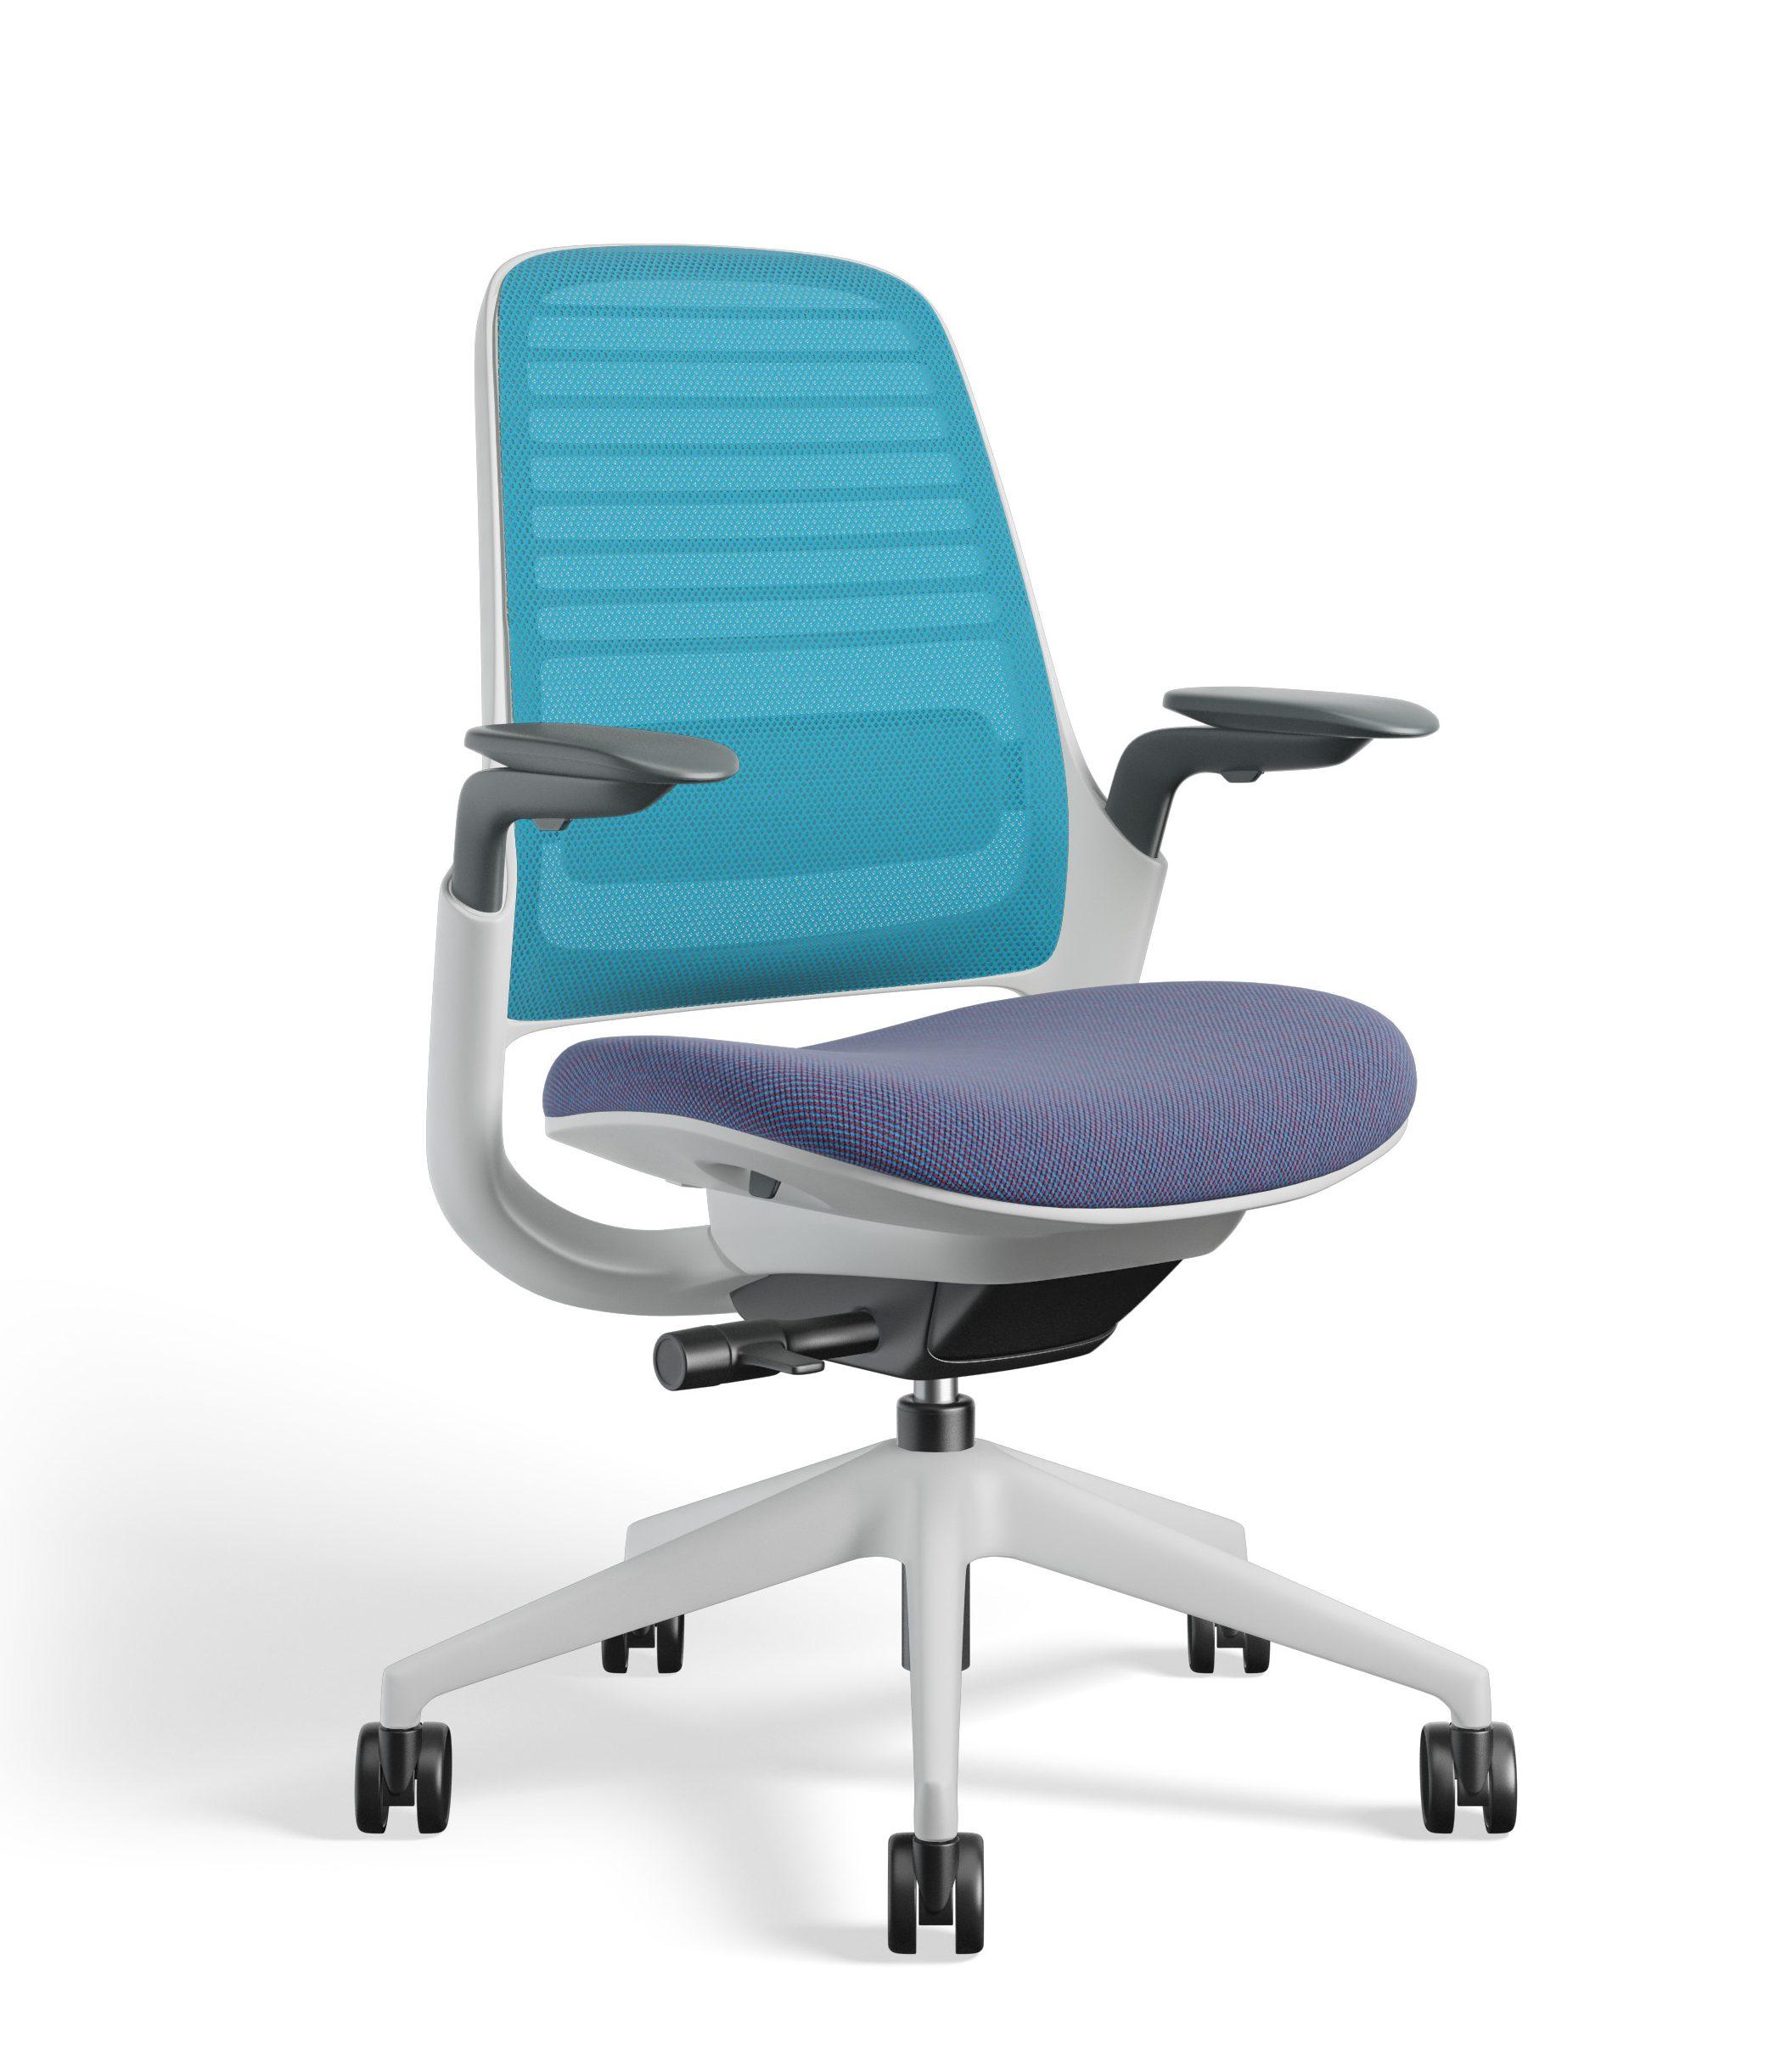 NeoCon 2017 Steelcase intros heightadjustable desk more